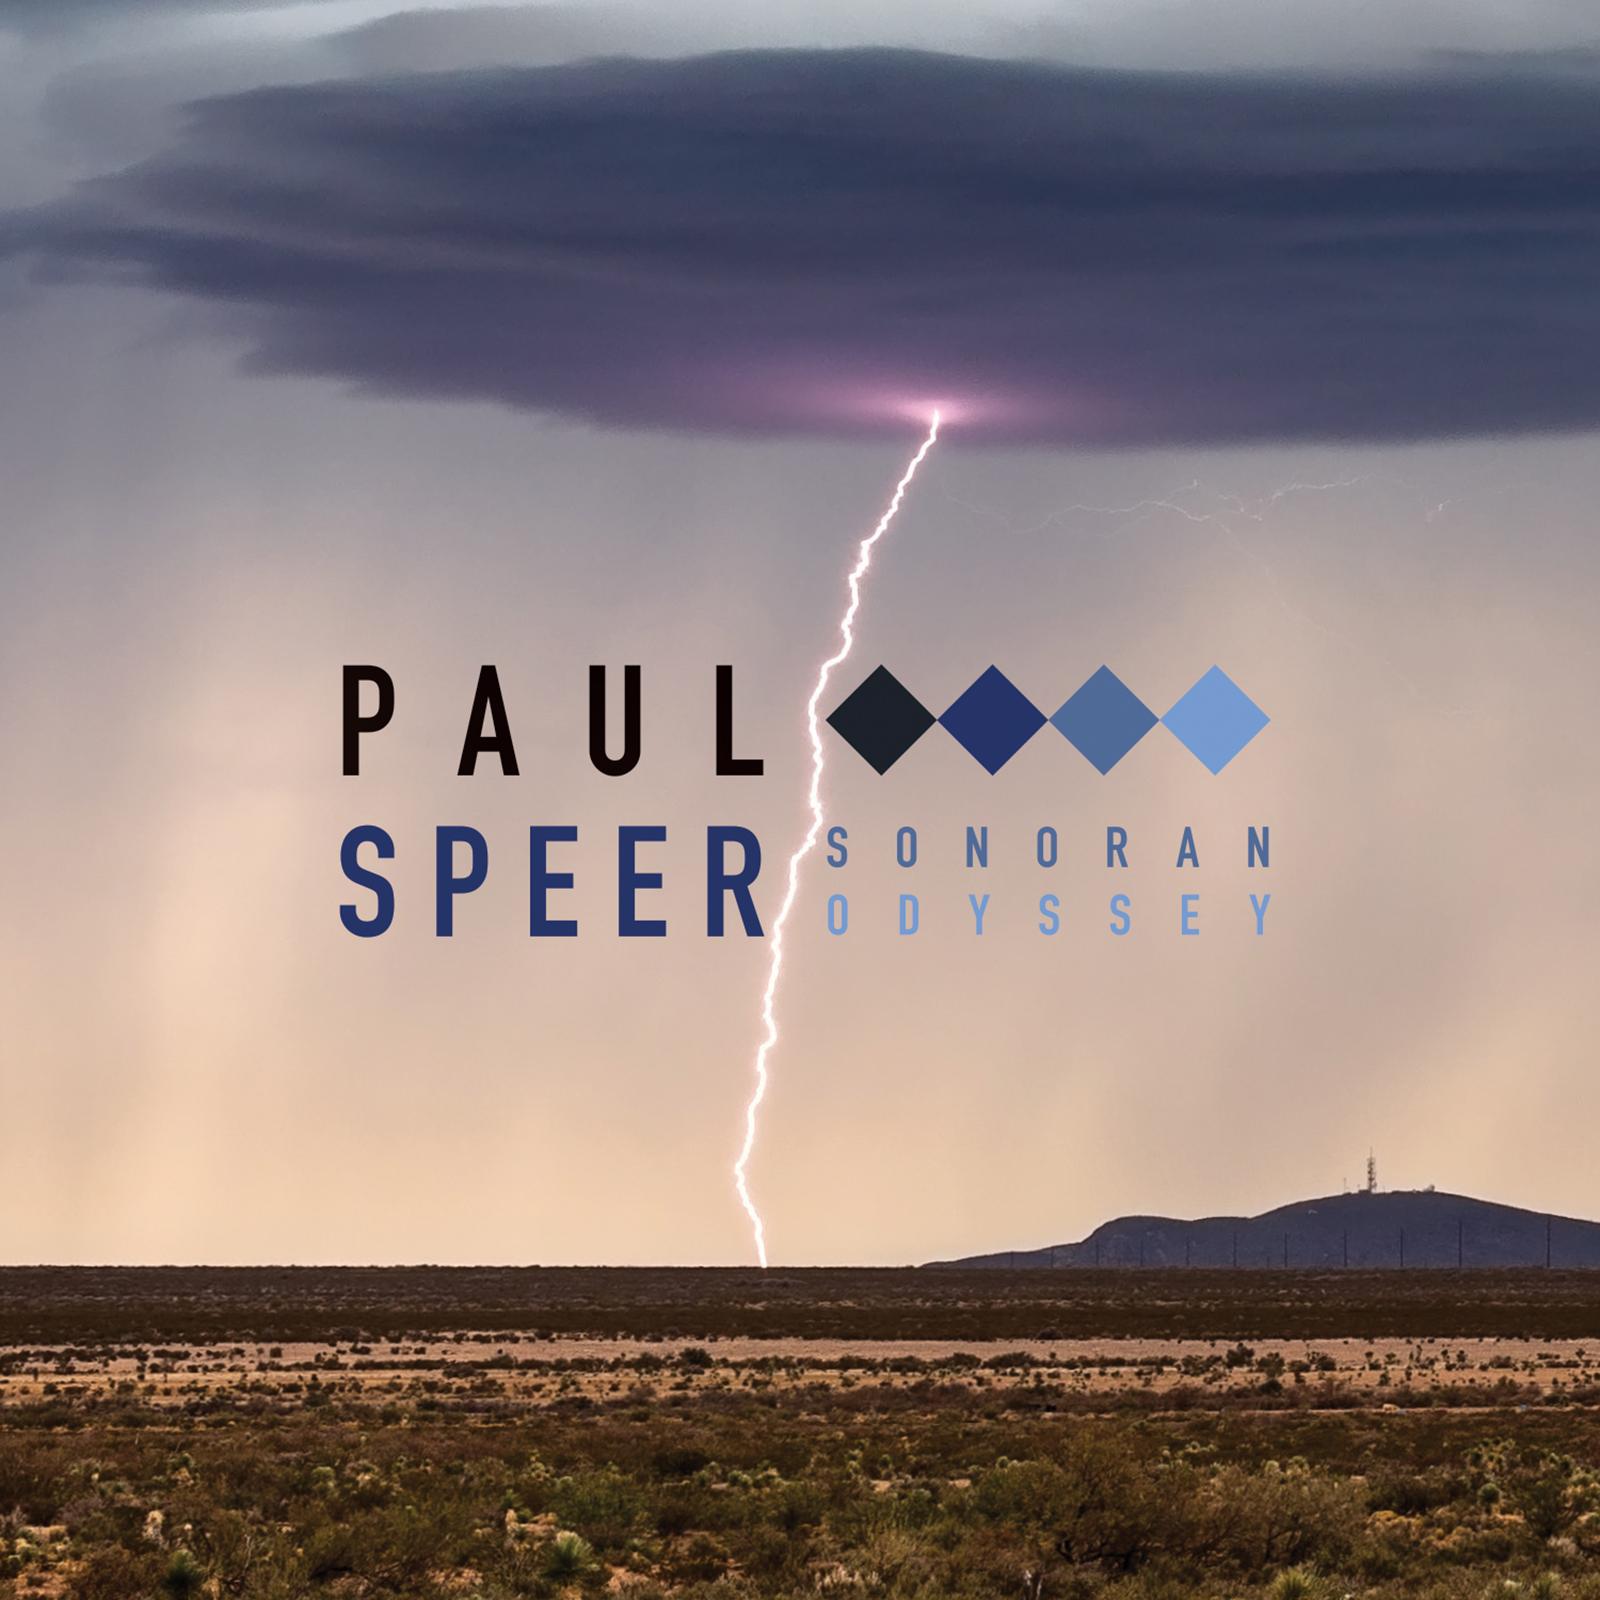 Paul Speer hbls